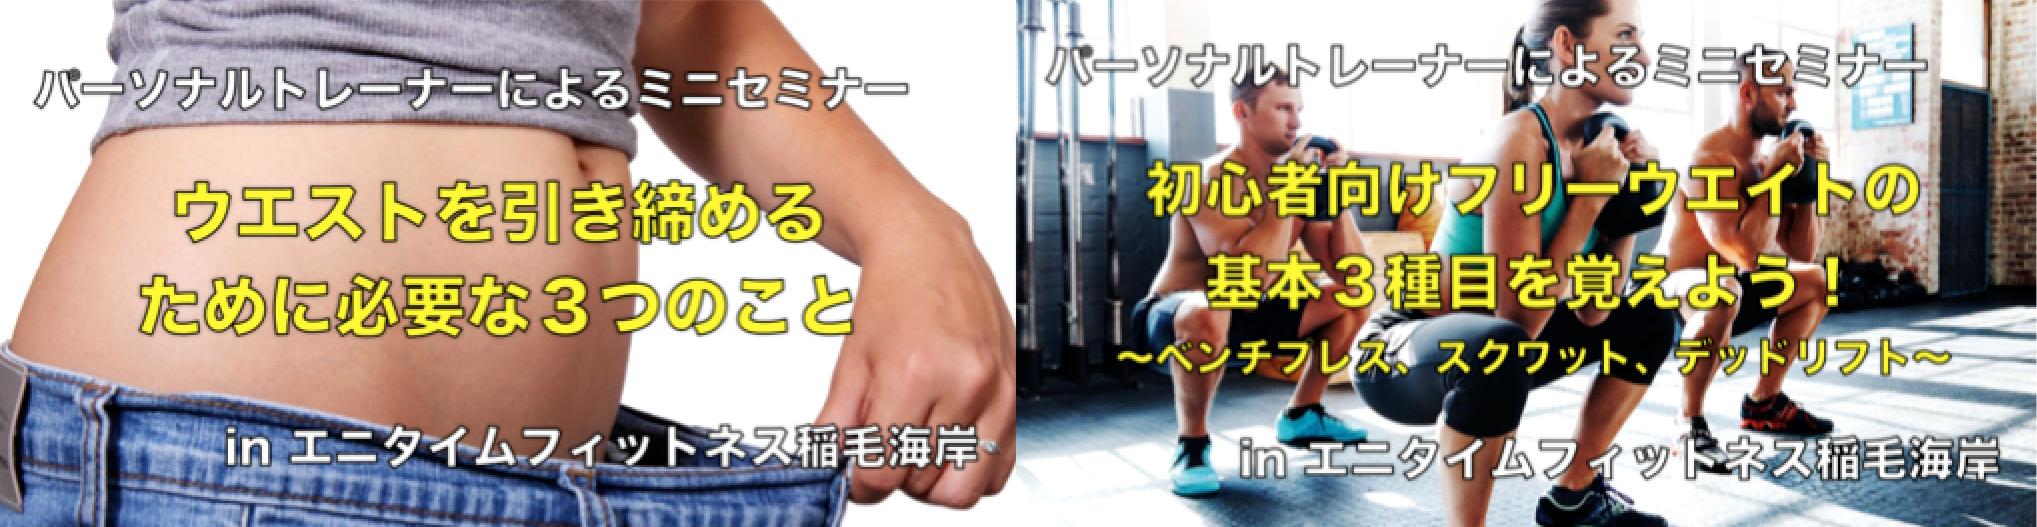 【12月17日(日)開催!!】お腹引き締め&初心者向け筋トレセミナー IN 稲毛海岸